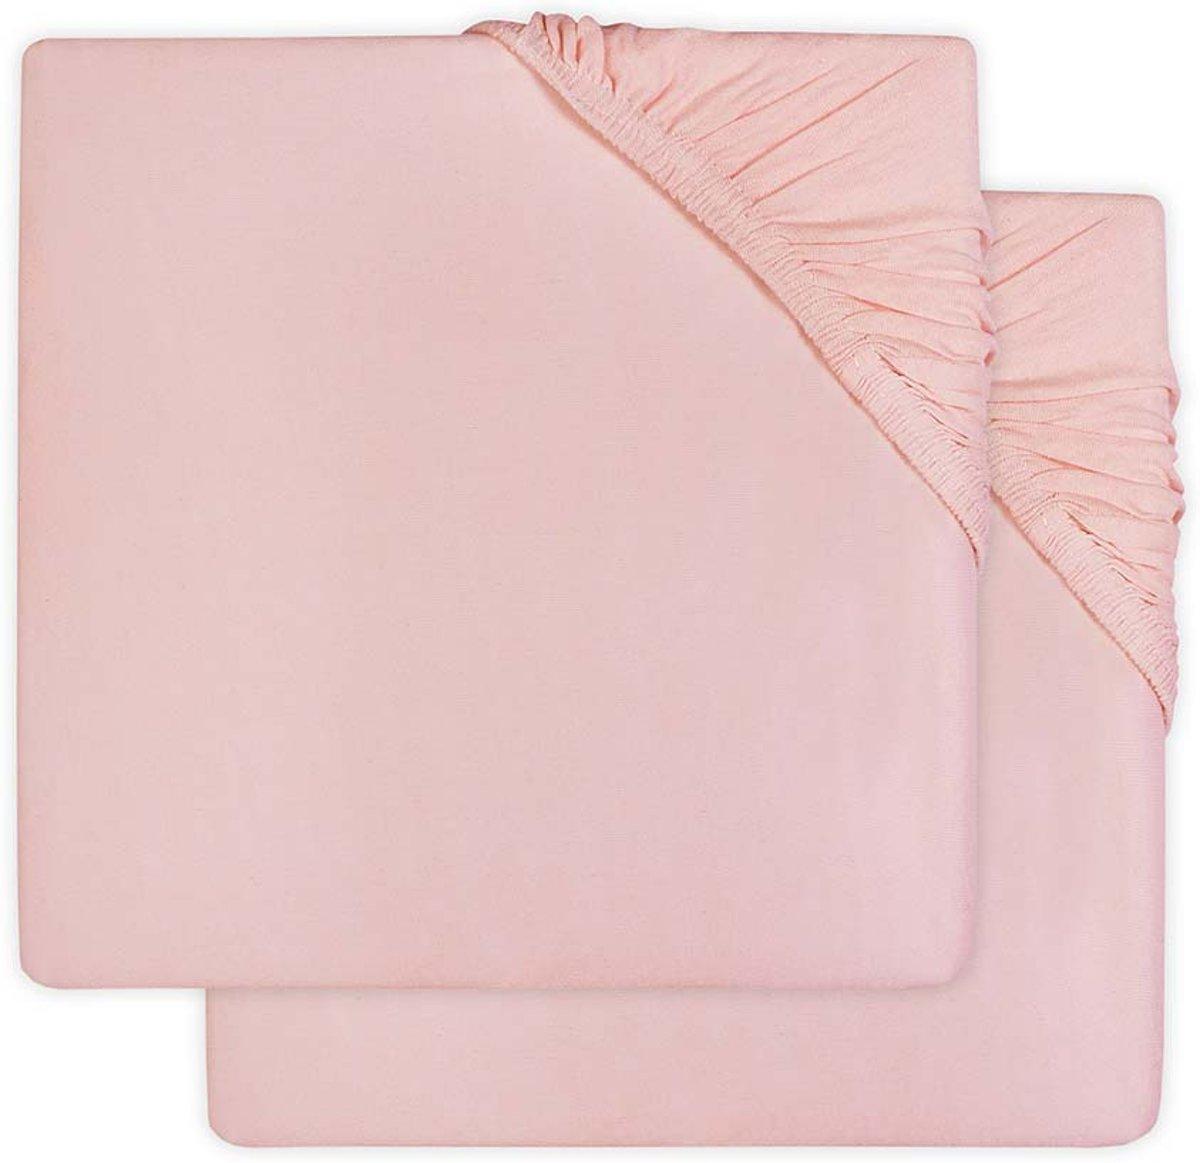 Jollein Hoeslaken jersey 60x120cm soft pink (2pack)